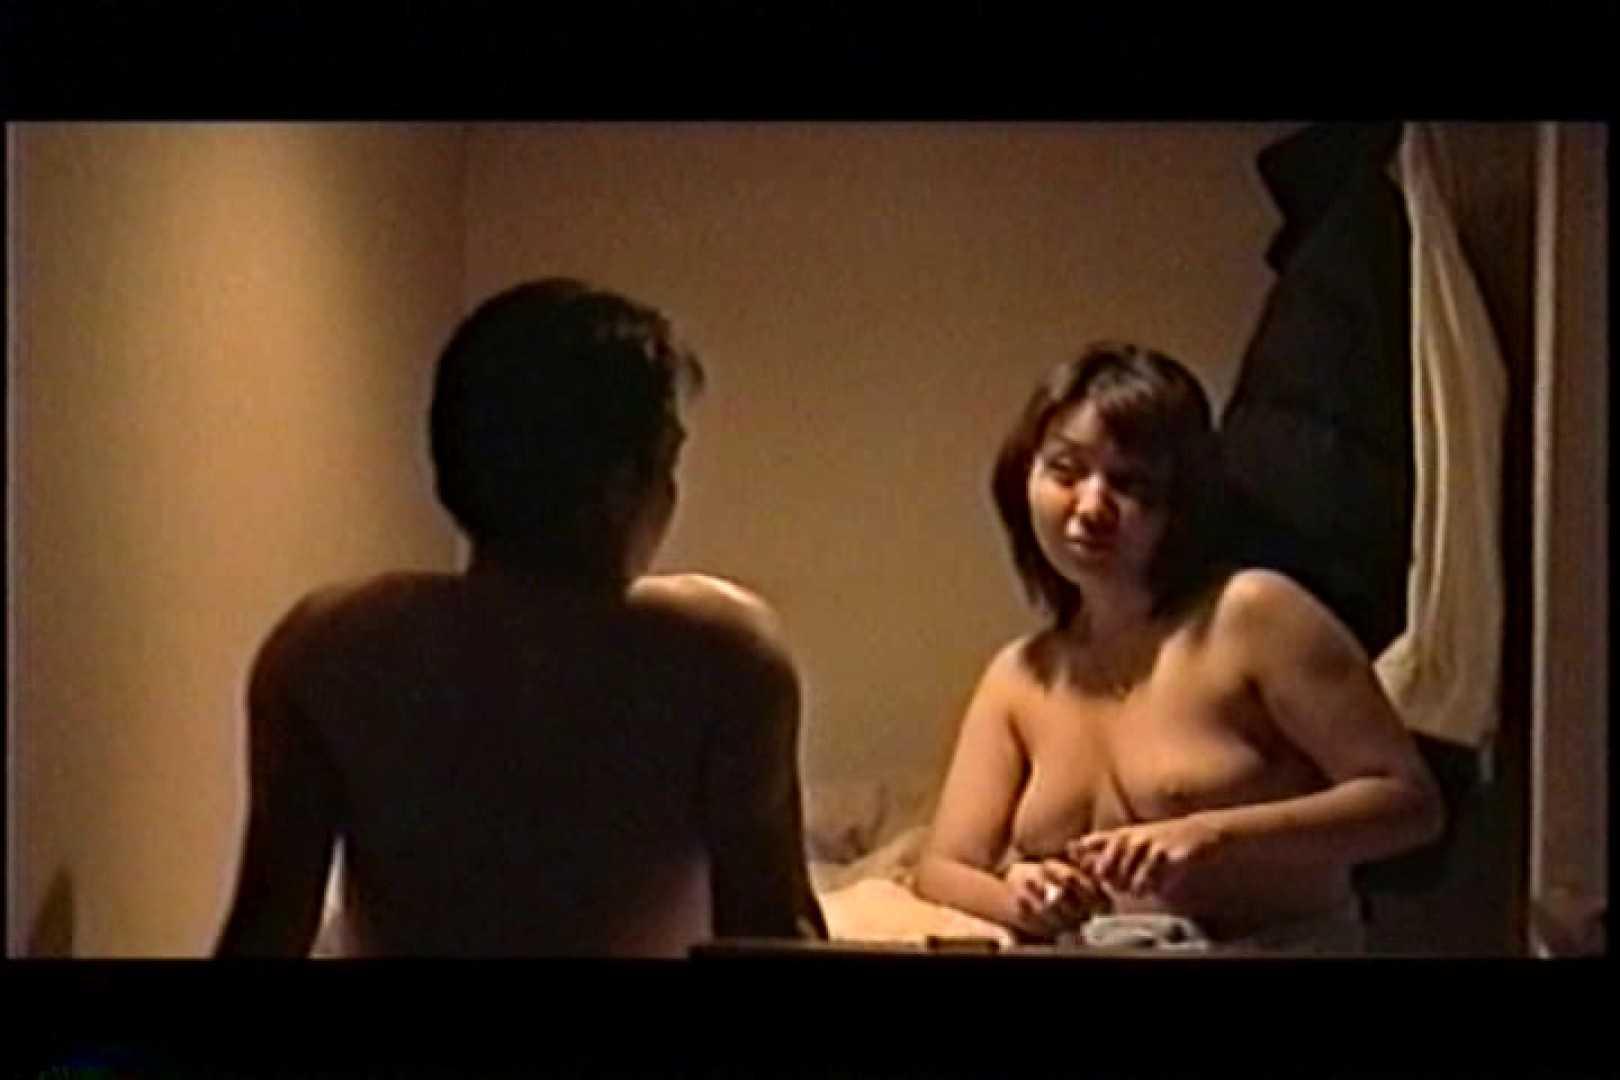 デリ嬢マル秘撮り本物投稿版② フェラチオ映像 盗み撮り動画 95pic 4